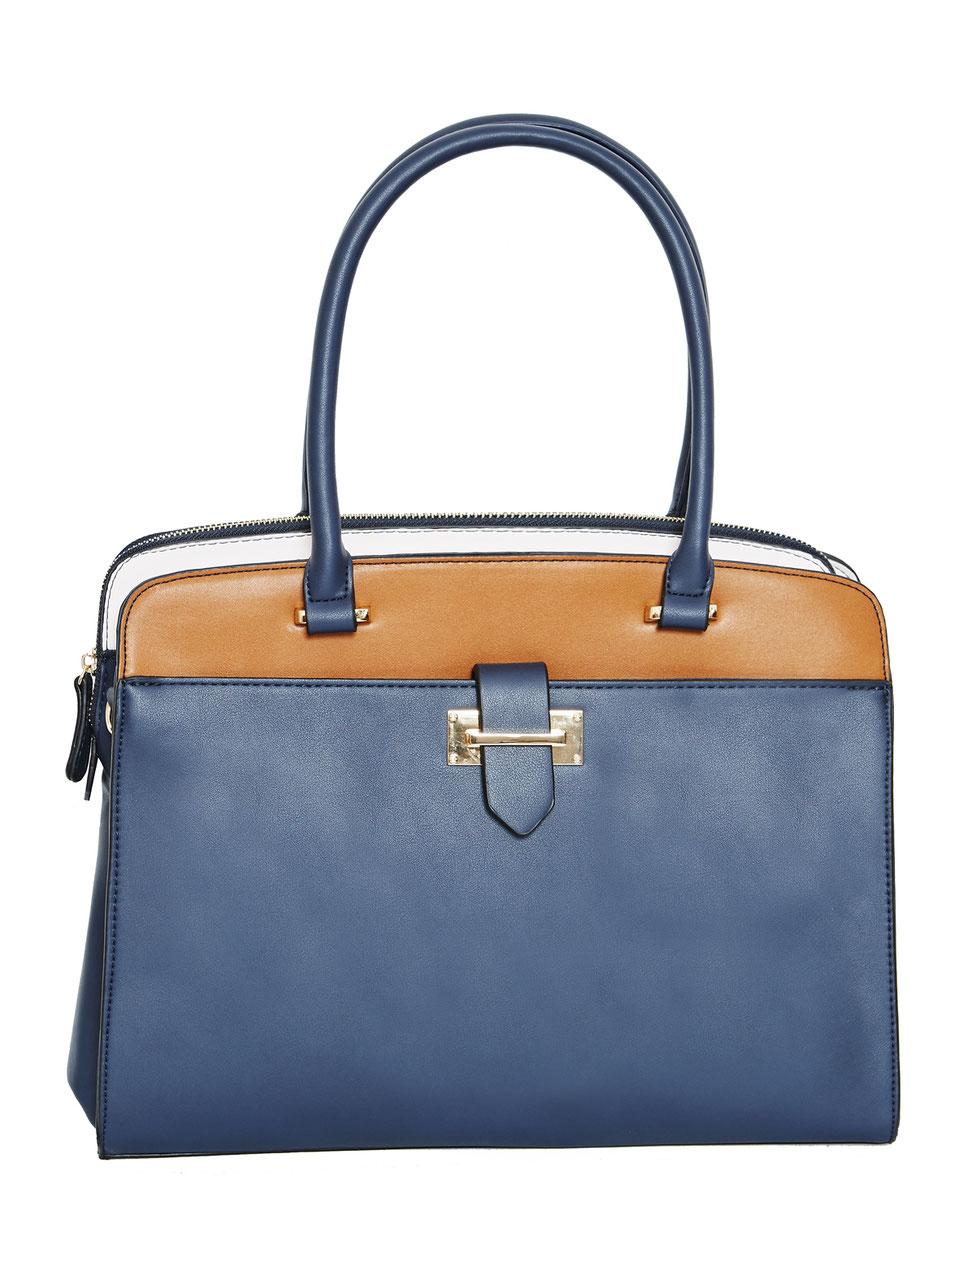 f95d694bfb3073 Modische Designer Handtaschen - Mypepita.com